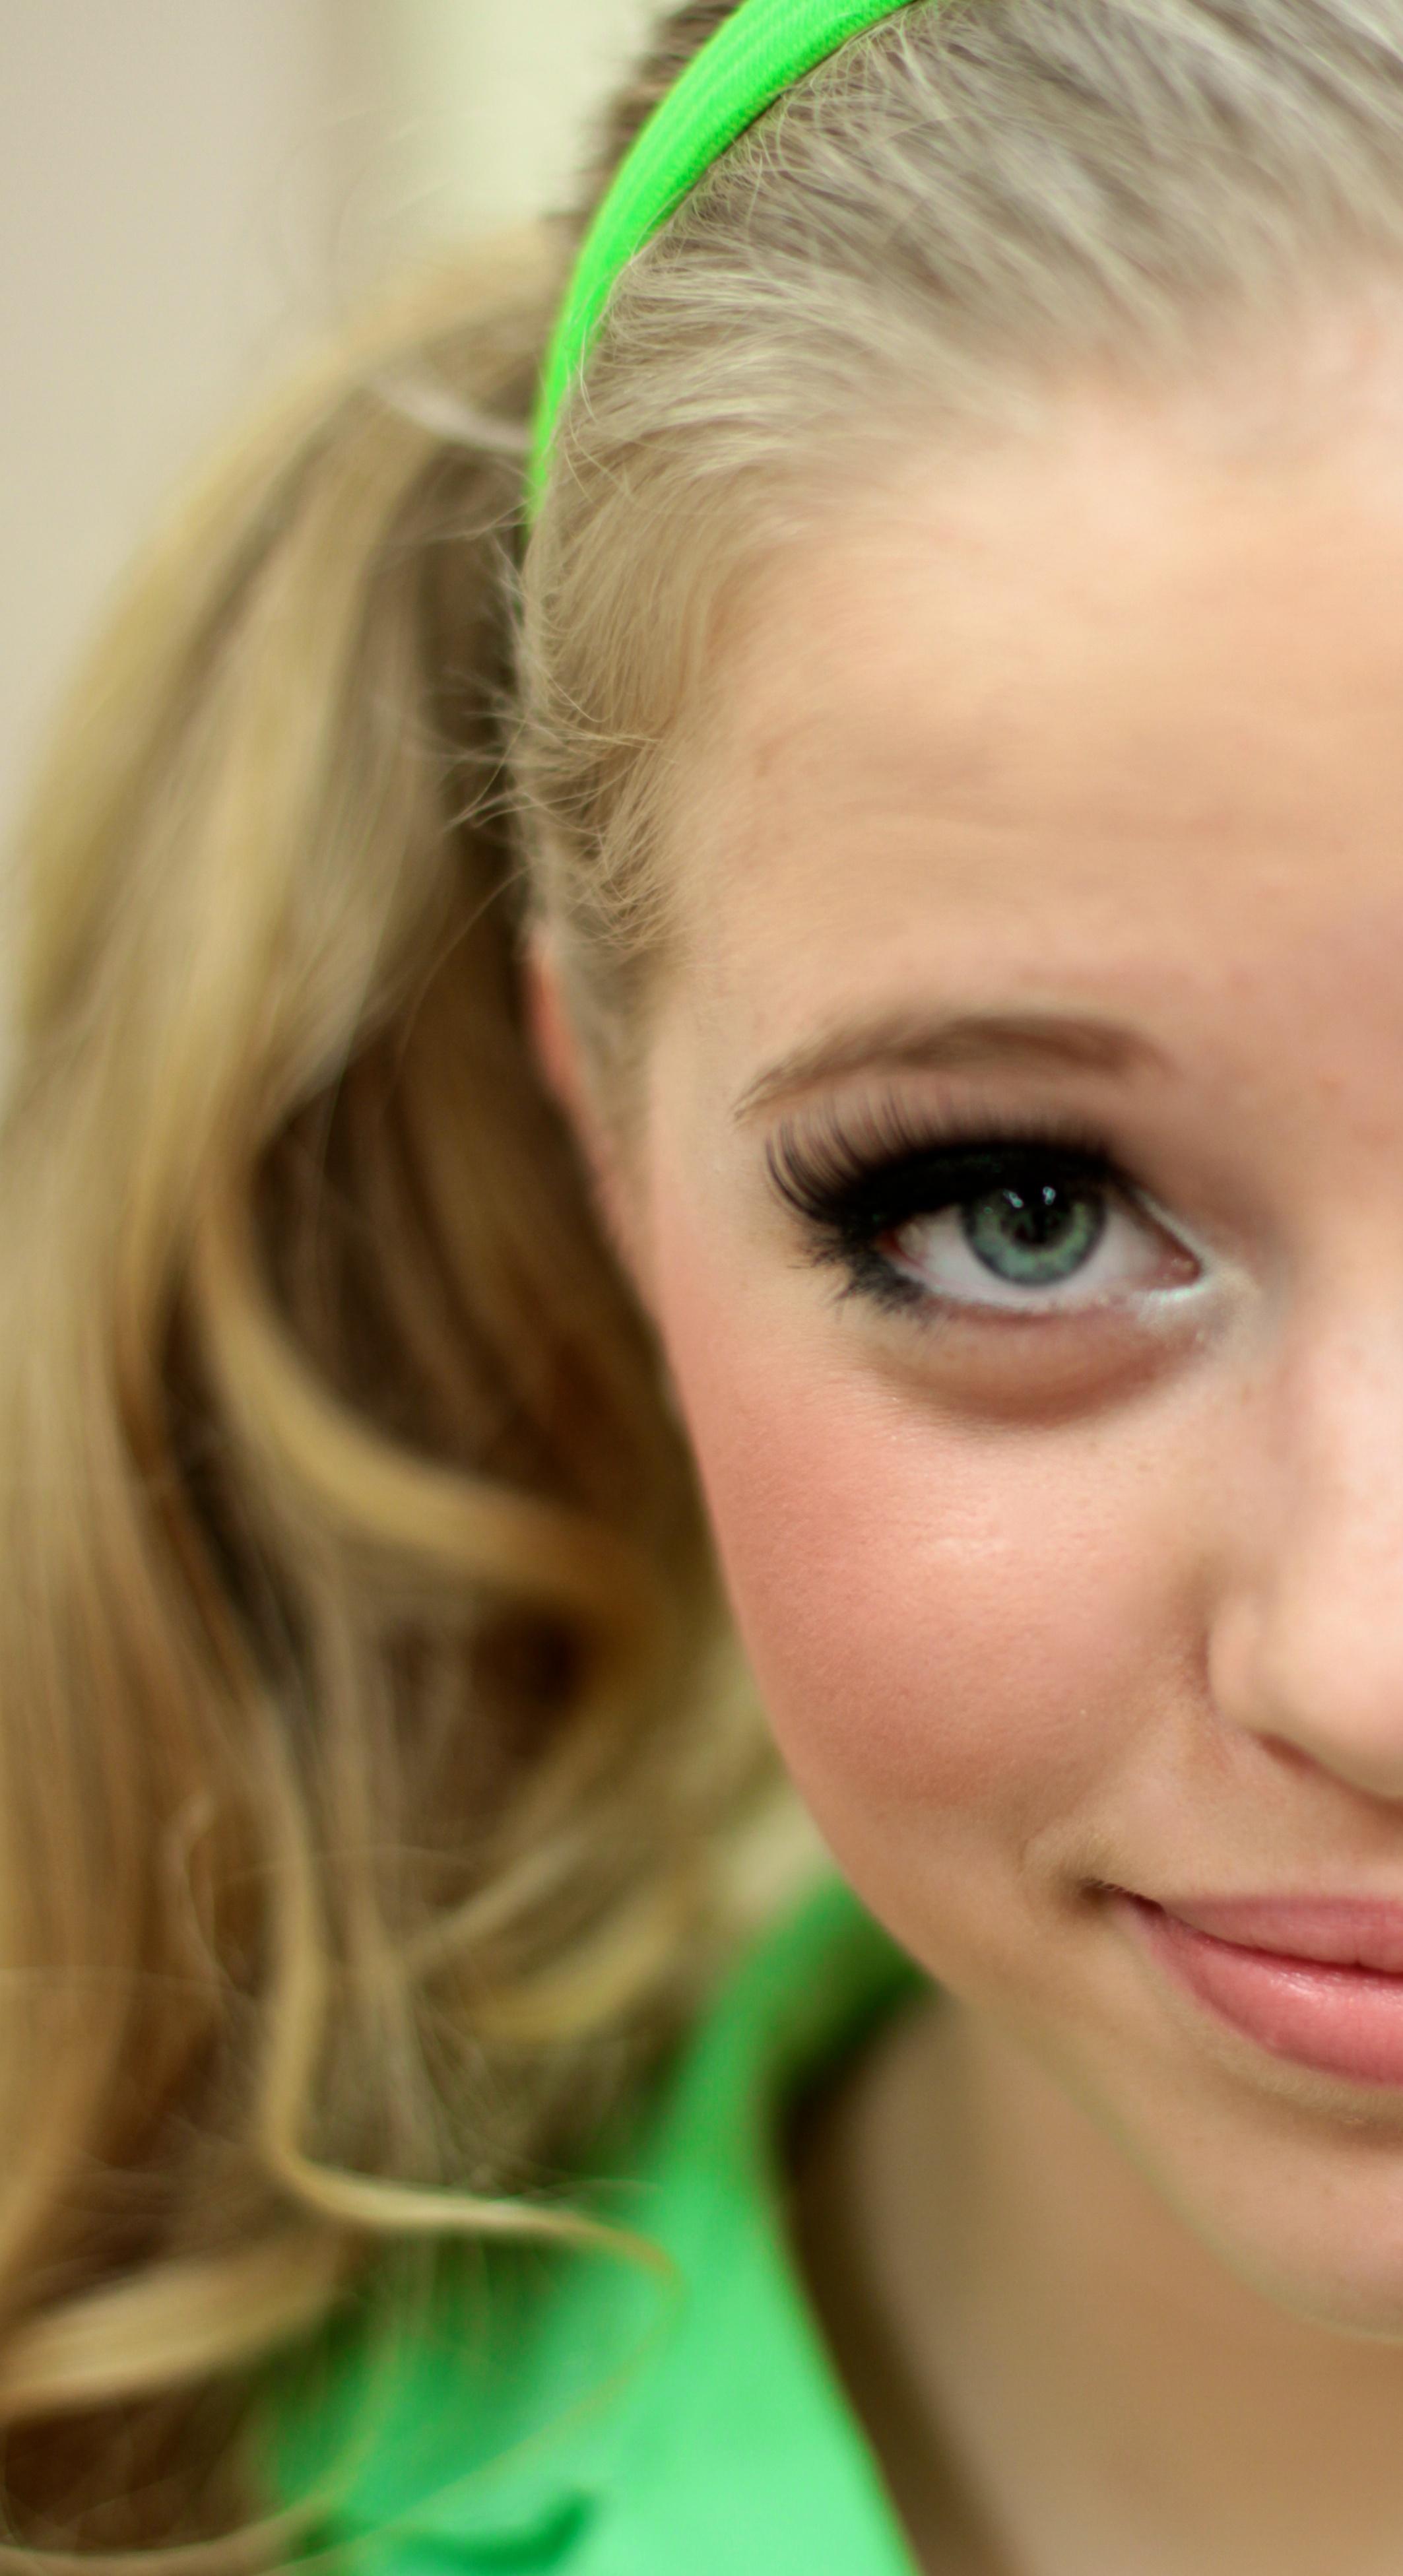 2012-04-19 at 18-54-02 Actor, Blonde, Eyes, Green, Half, Portrait, Stare.jpg